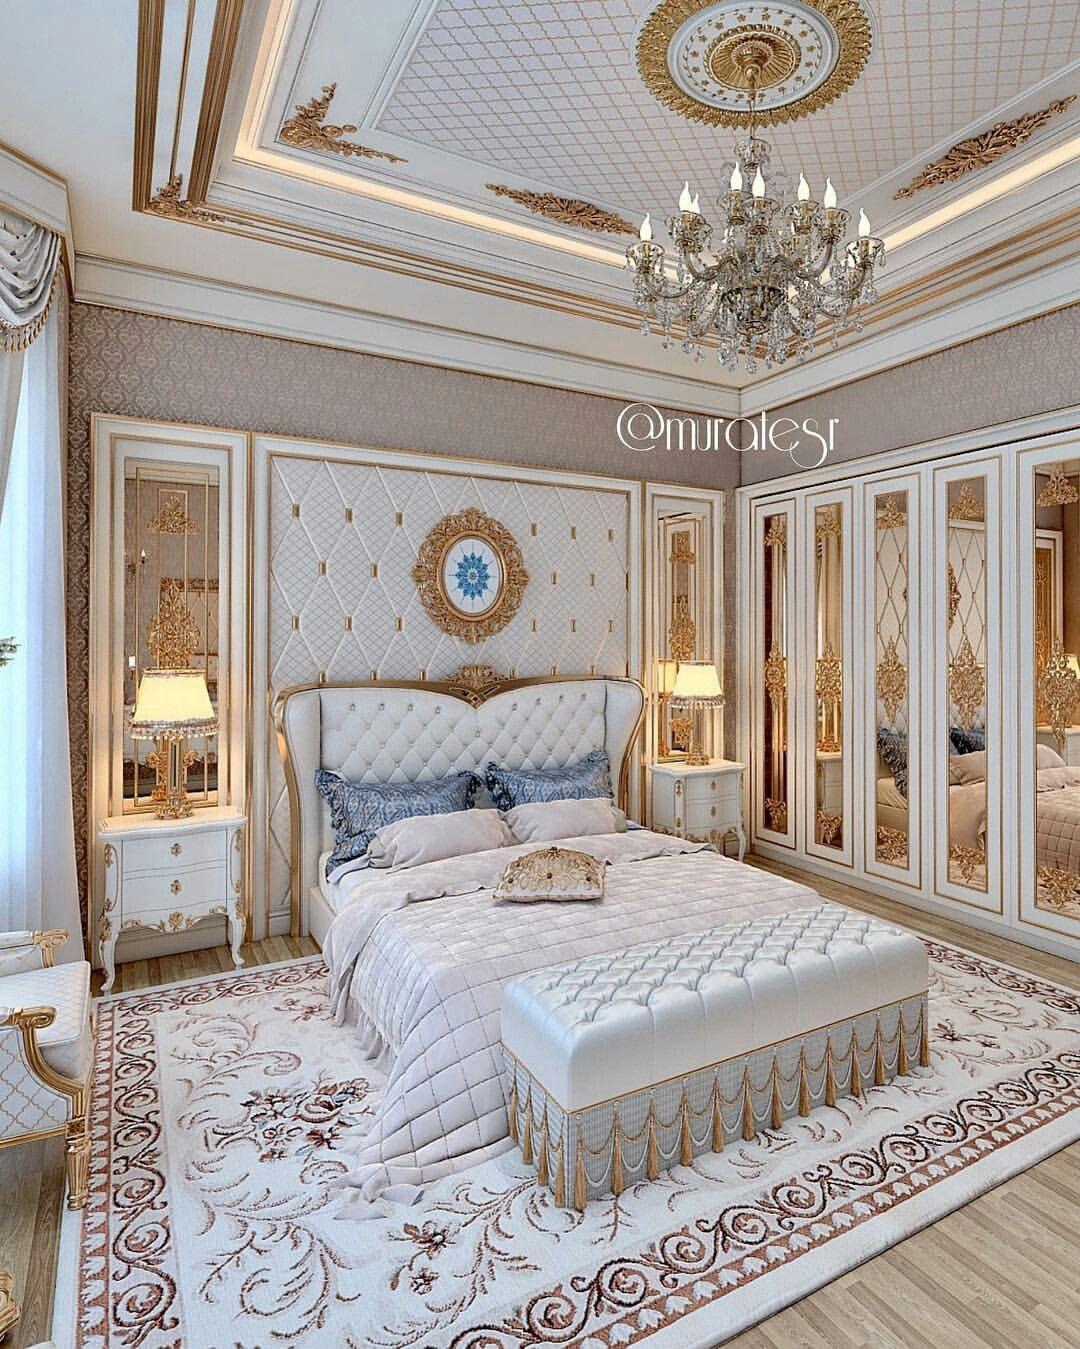 10 Luxury Bedroom Ideas Stunning Luxury Beds In Glamorous: Pin By زوبعة في فنجان On غرف نوم